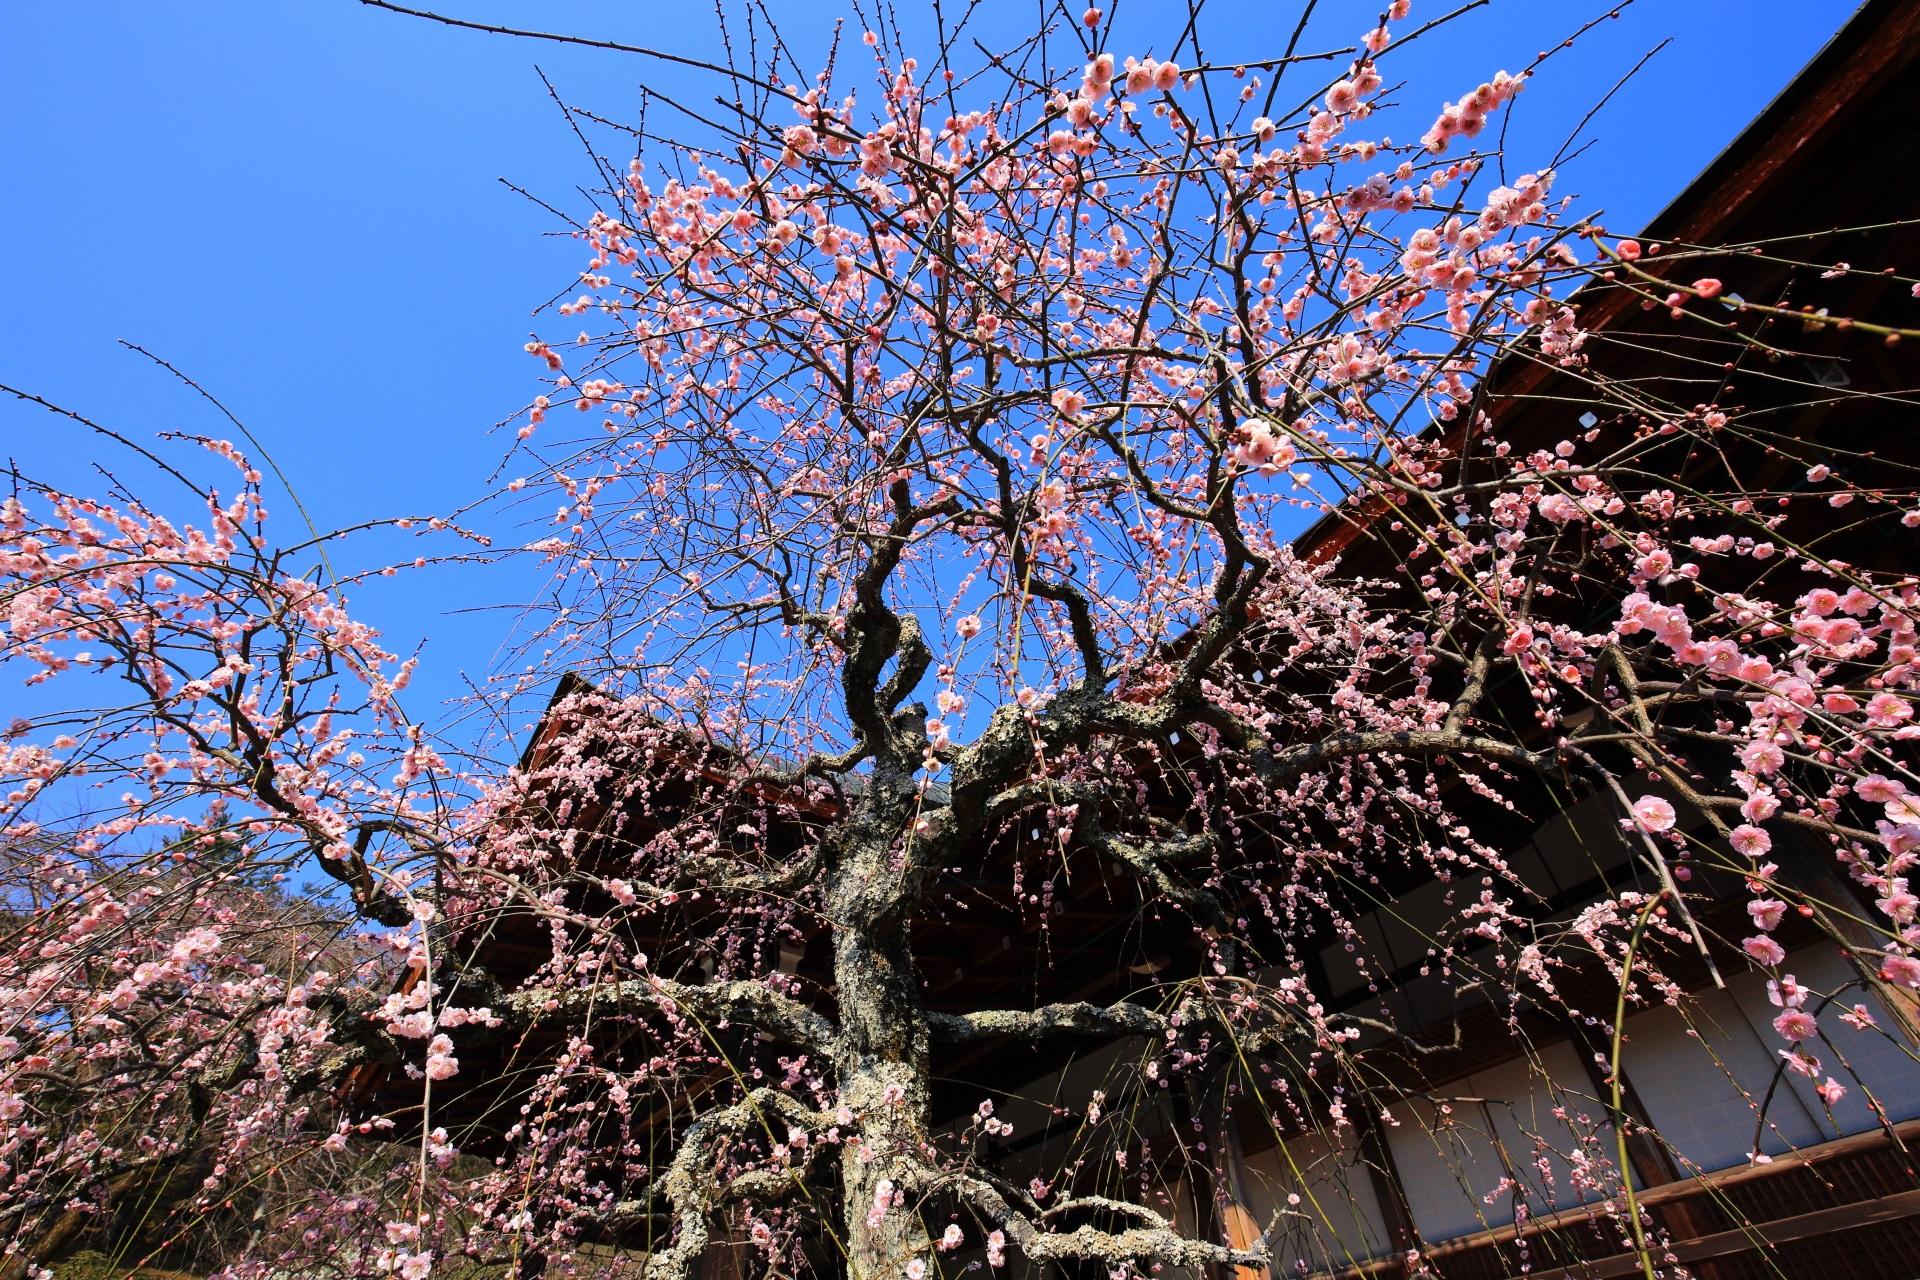 雲一つない見事な青空とピンクの梅の花